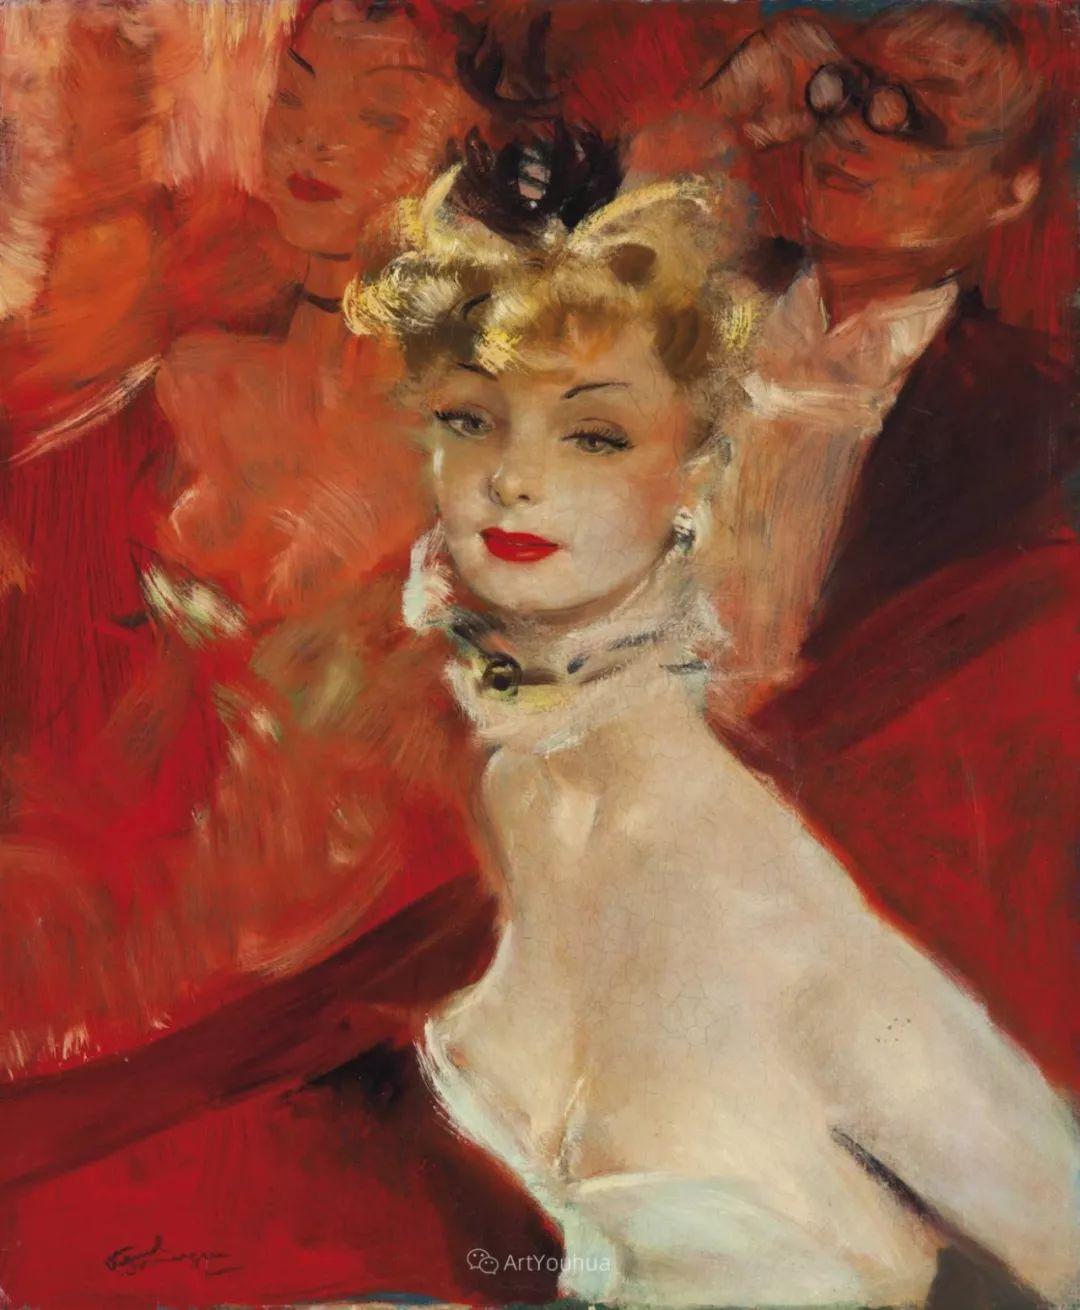 他画中的美女:典雅美丽天鹅颈,脸上带着调情趣味插图14